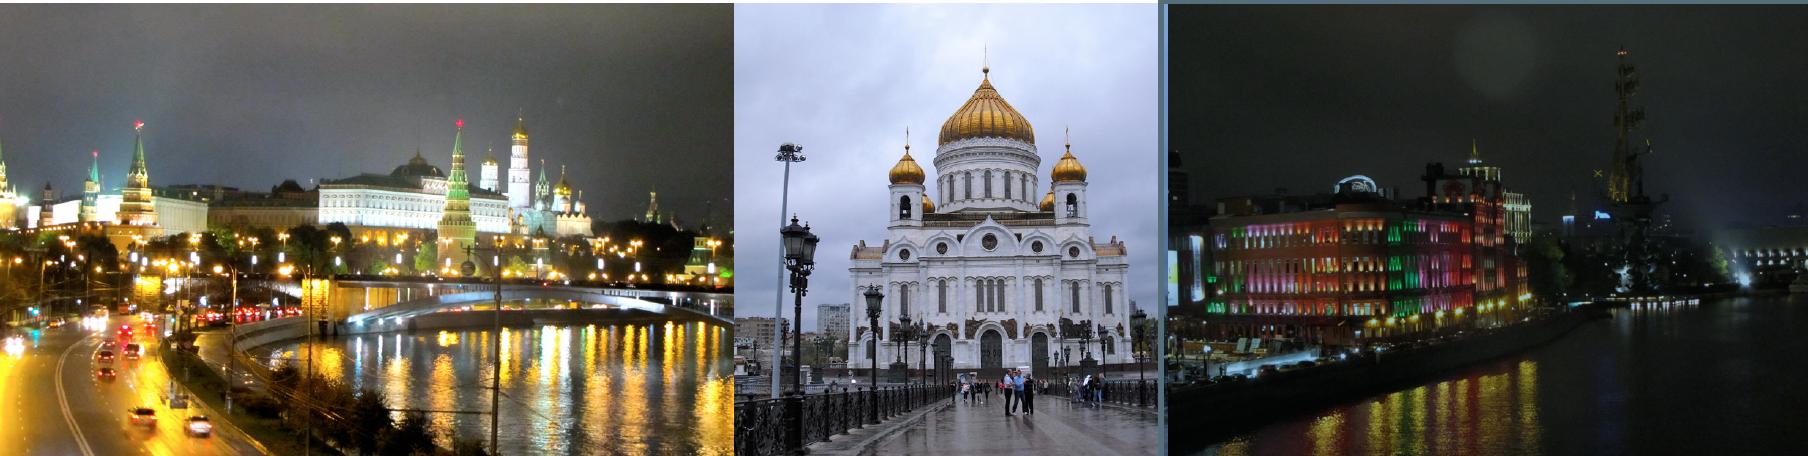 Christ-Erlöser-Kathedrale, Kreml bei Nacht, »Roter Oktober« bei Nacht